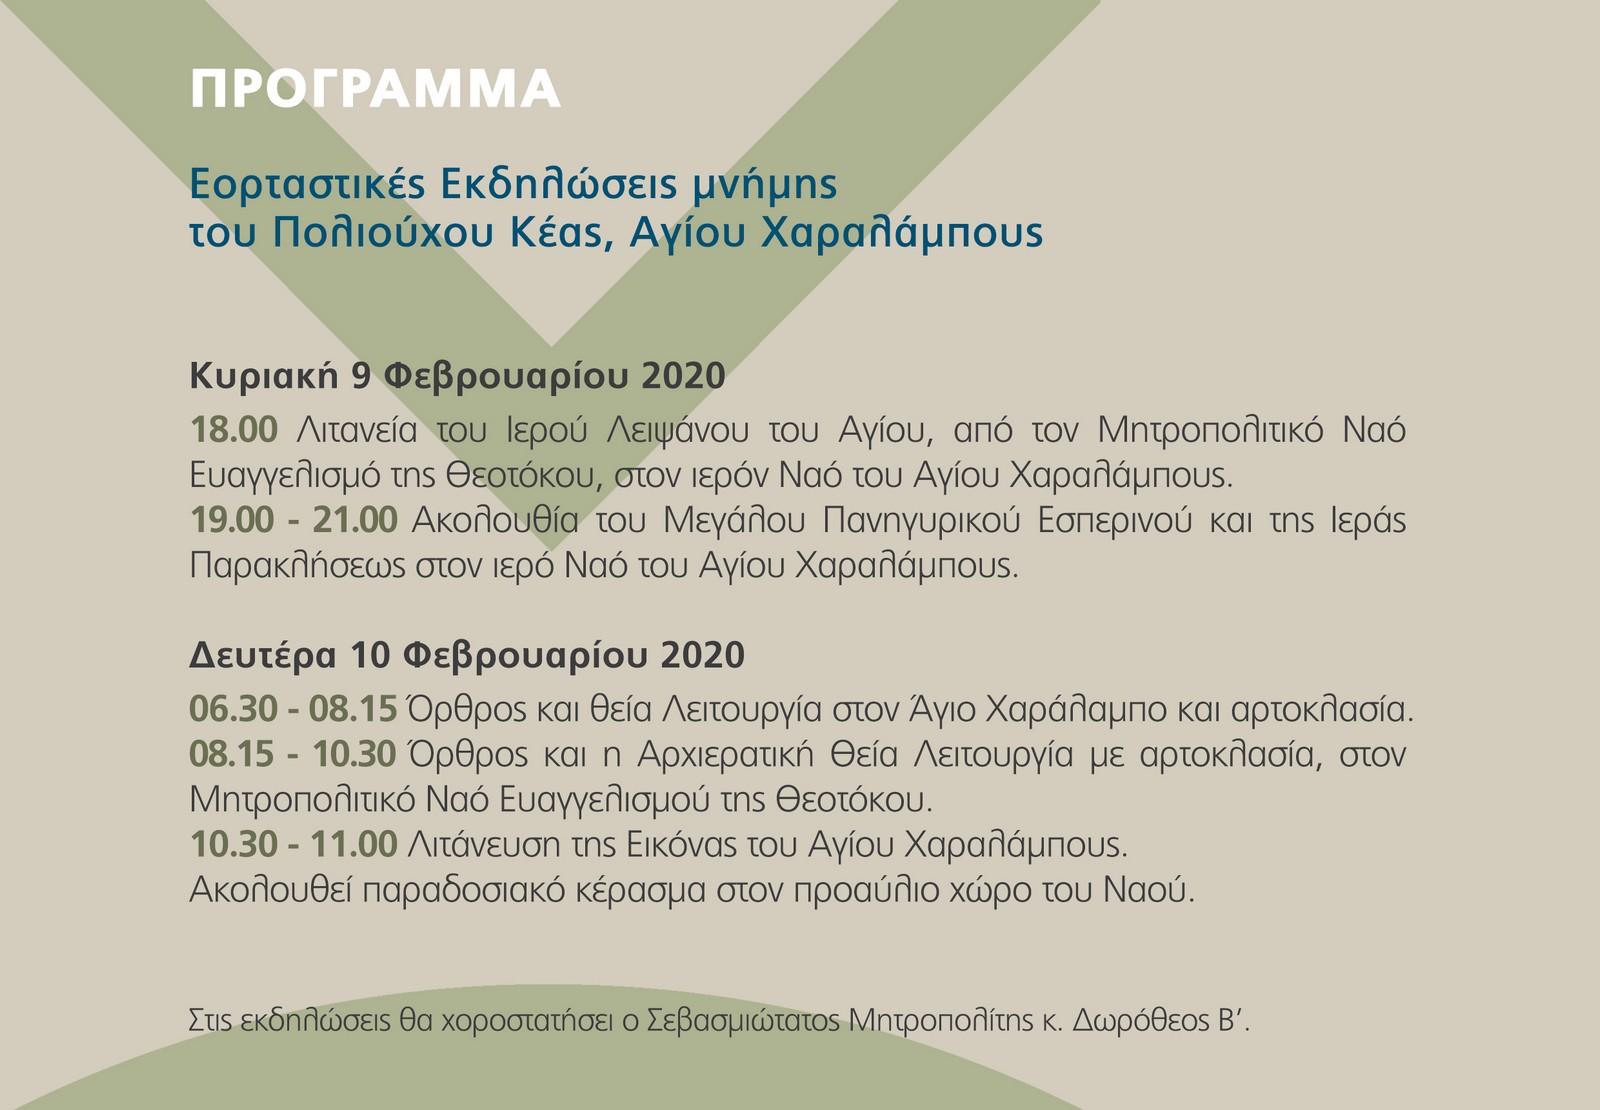 Εορταστικές Εκδηλώσεις μνήμης Αγίου Χαραλάμπους 2020